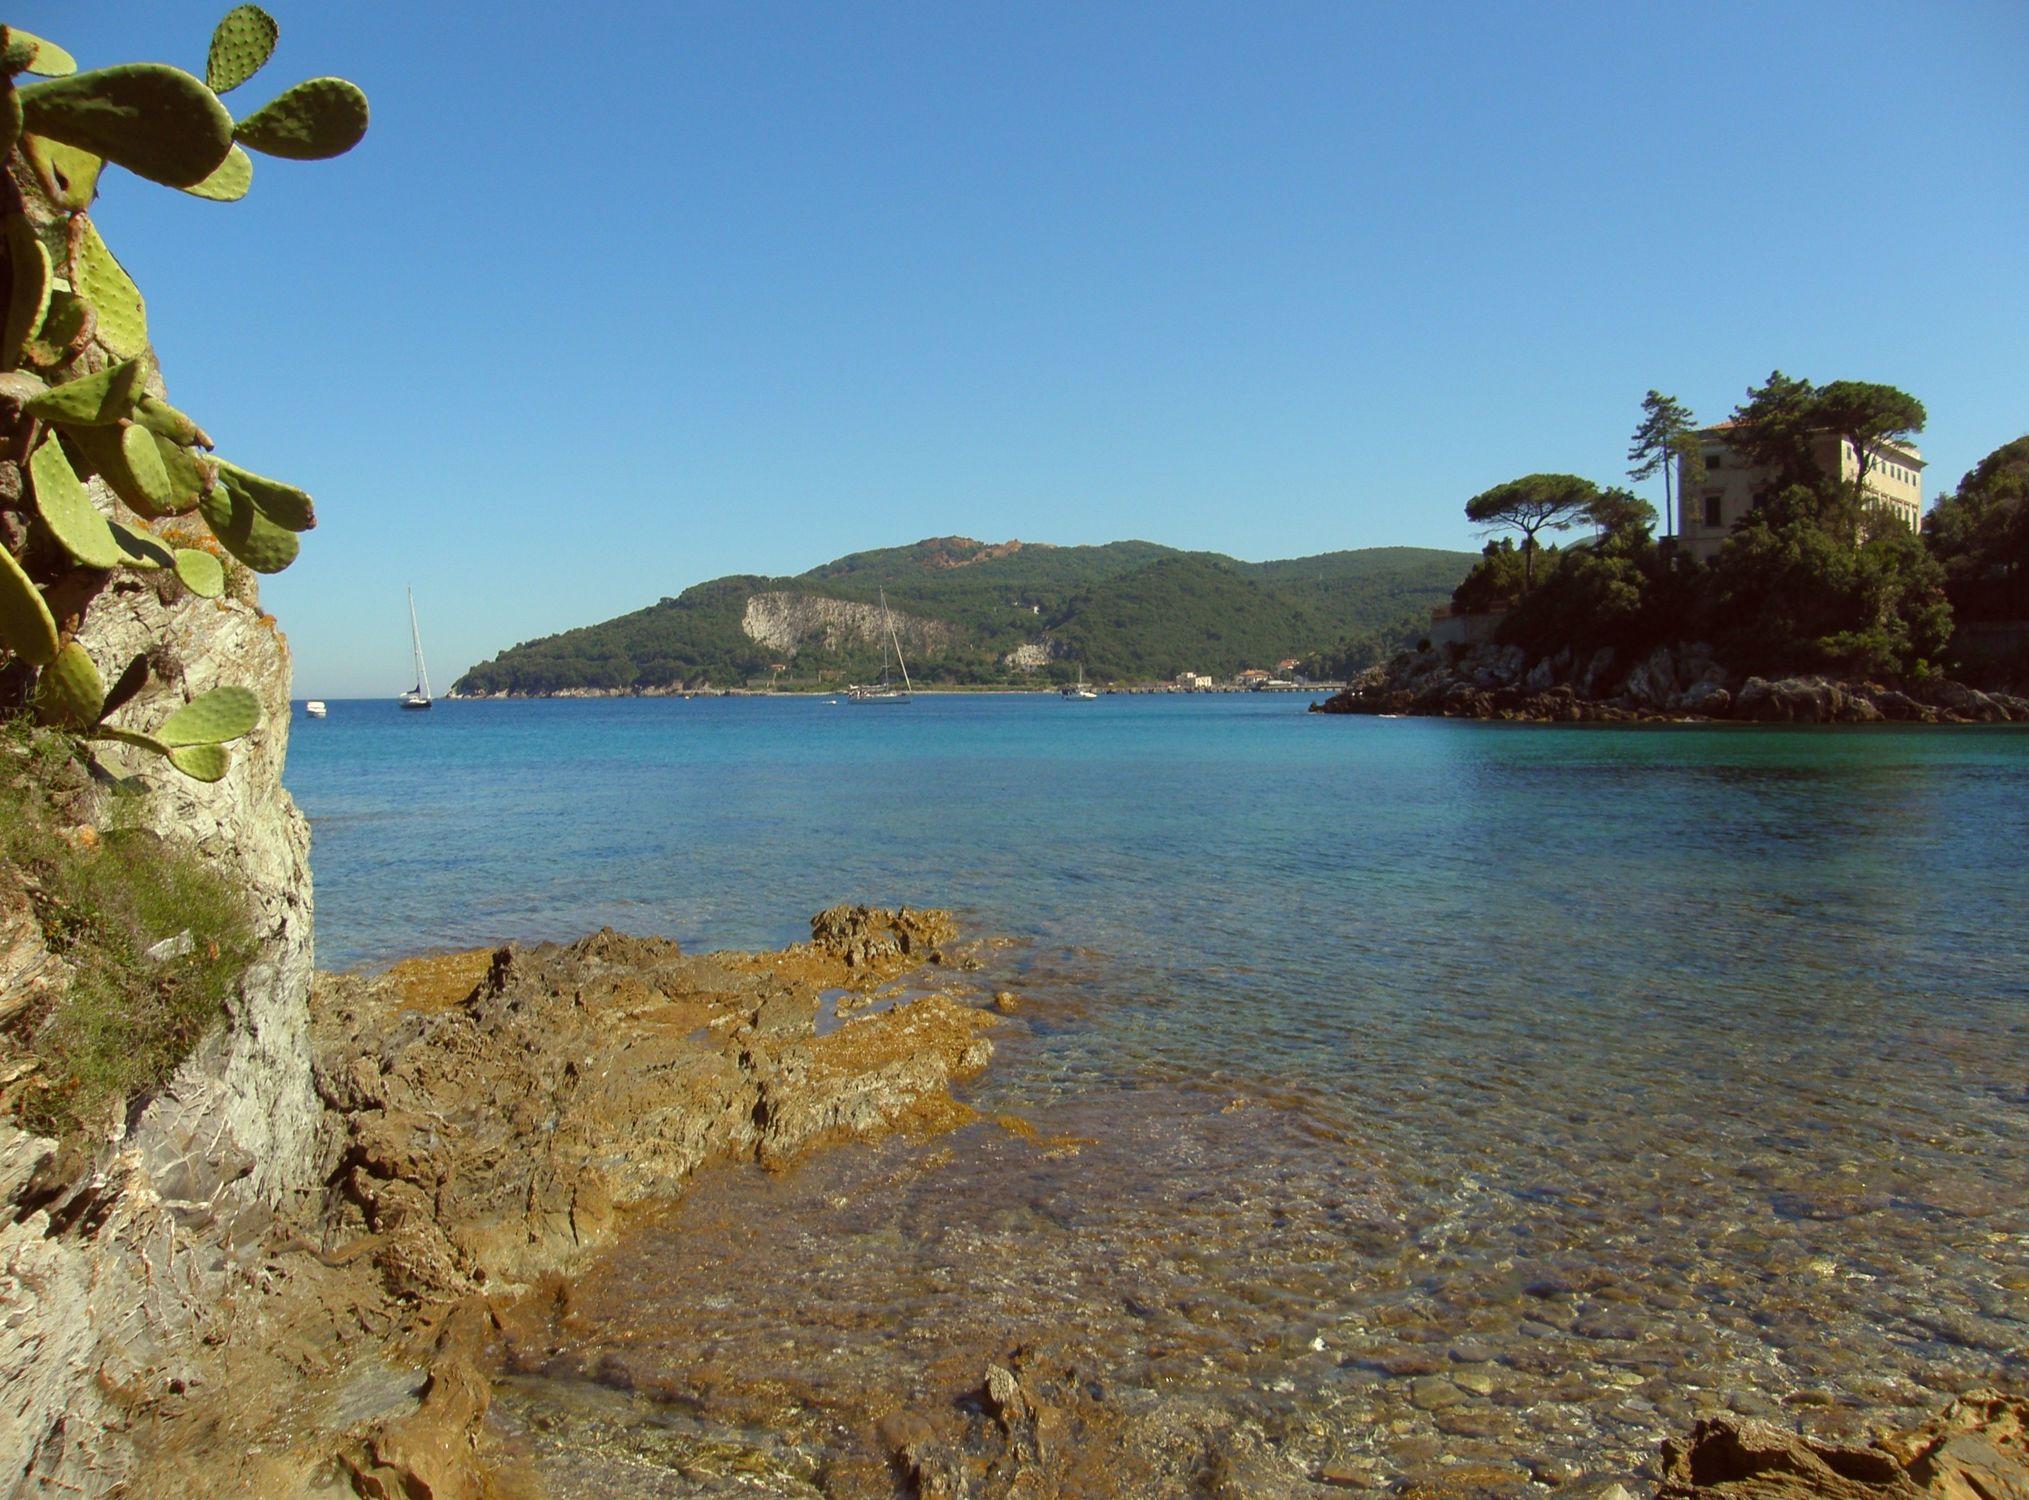 Bild mit Gewässer, Felsen, Strände, Urlaub, Italien, Strand, Meer, Insel, Sehnsucht nach Meer, Fels